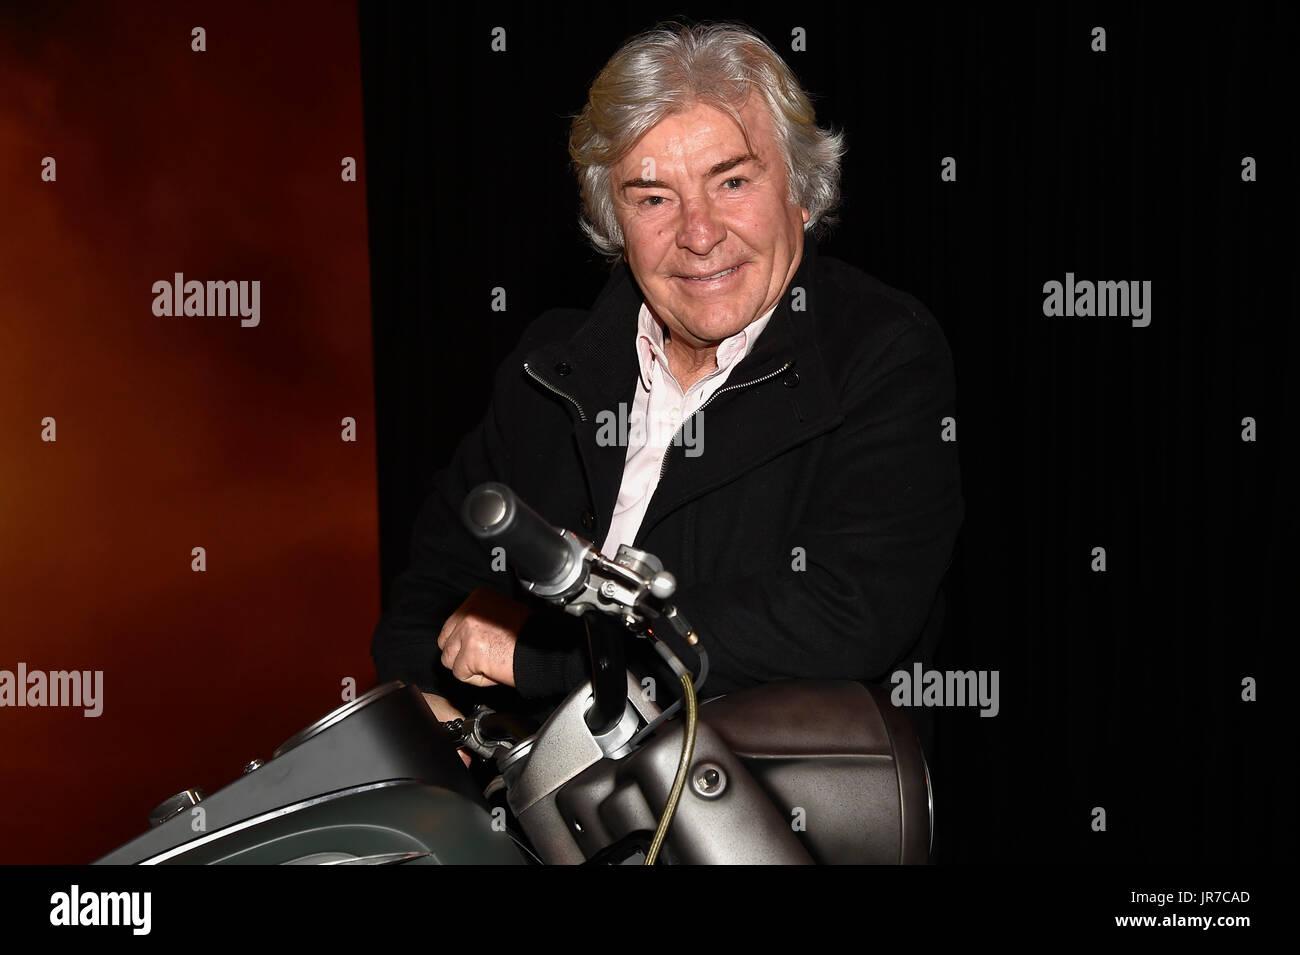 Angel Nieto Motorcycle Exhaust Dies Photo Archive El ex piloto vÅngel Nieto durante la presentaciv=n del acto 'la moto de Logan: tributo a Lobezno'  en Madrid  28/02/2017  Madrid - Stock Image